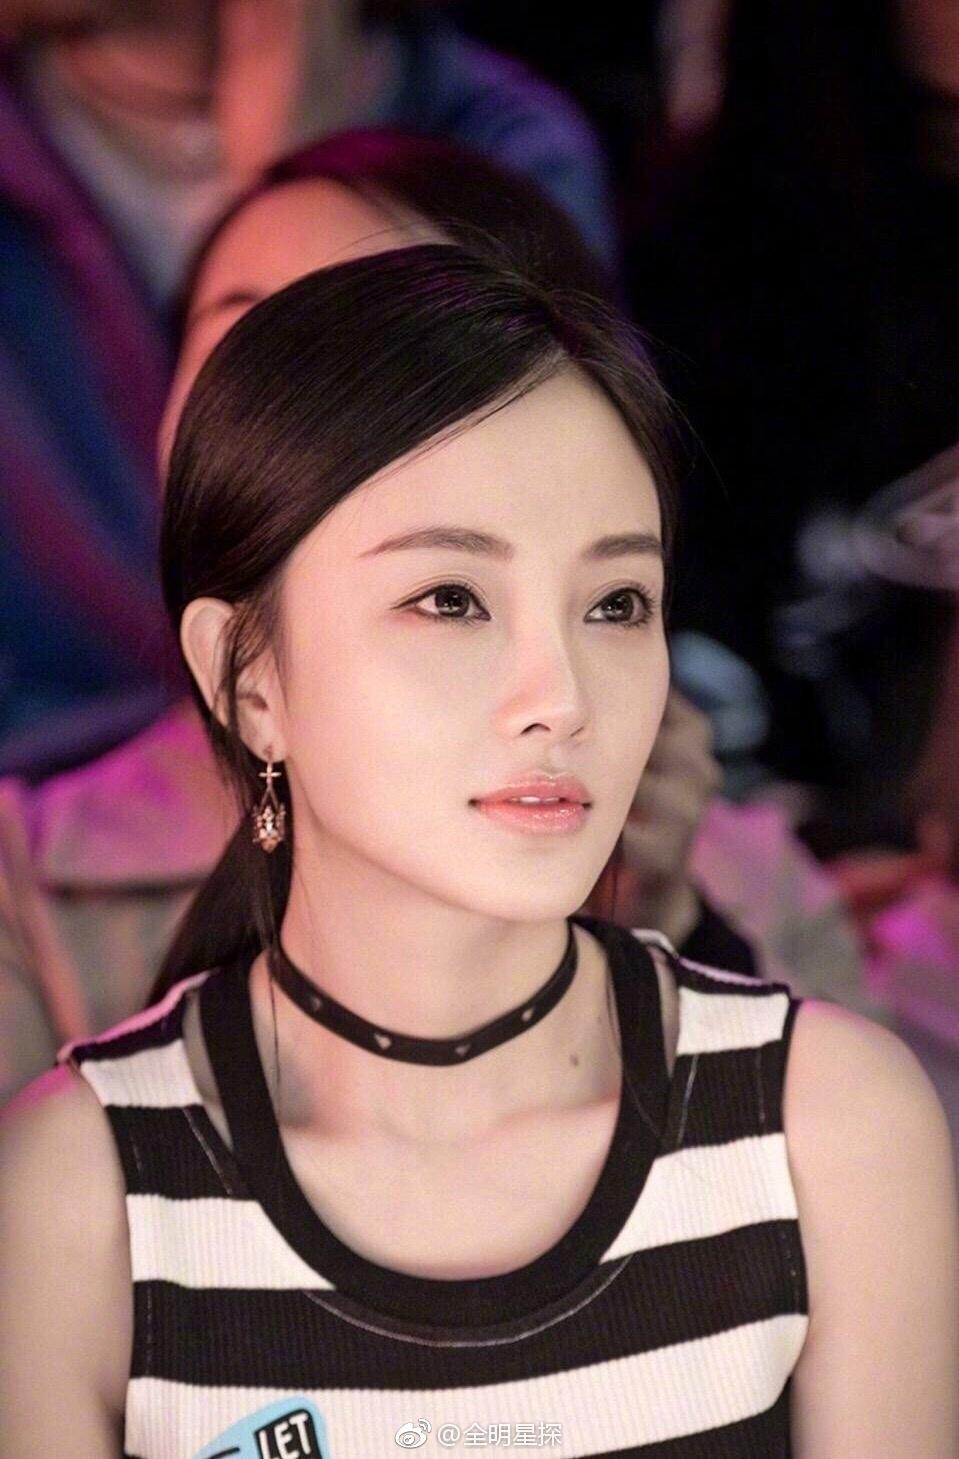 #李小璐# 双眼皮变窄,抹掉浓浓一字眉,这样的@李小璐Super璐 看着真的漂亮而且舒服!希